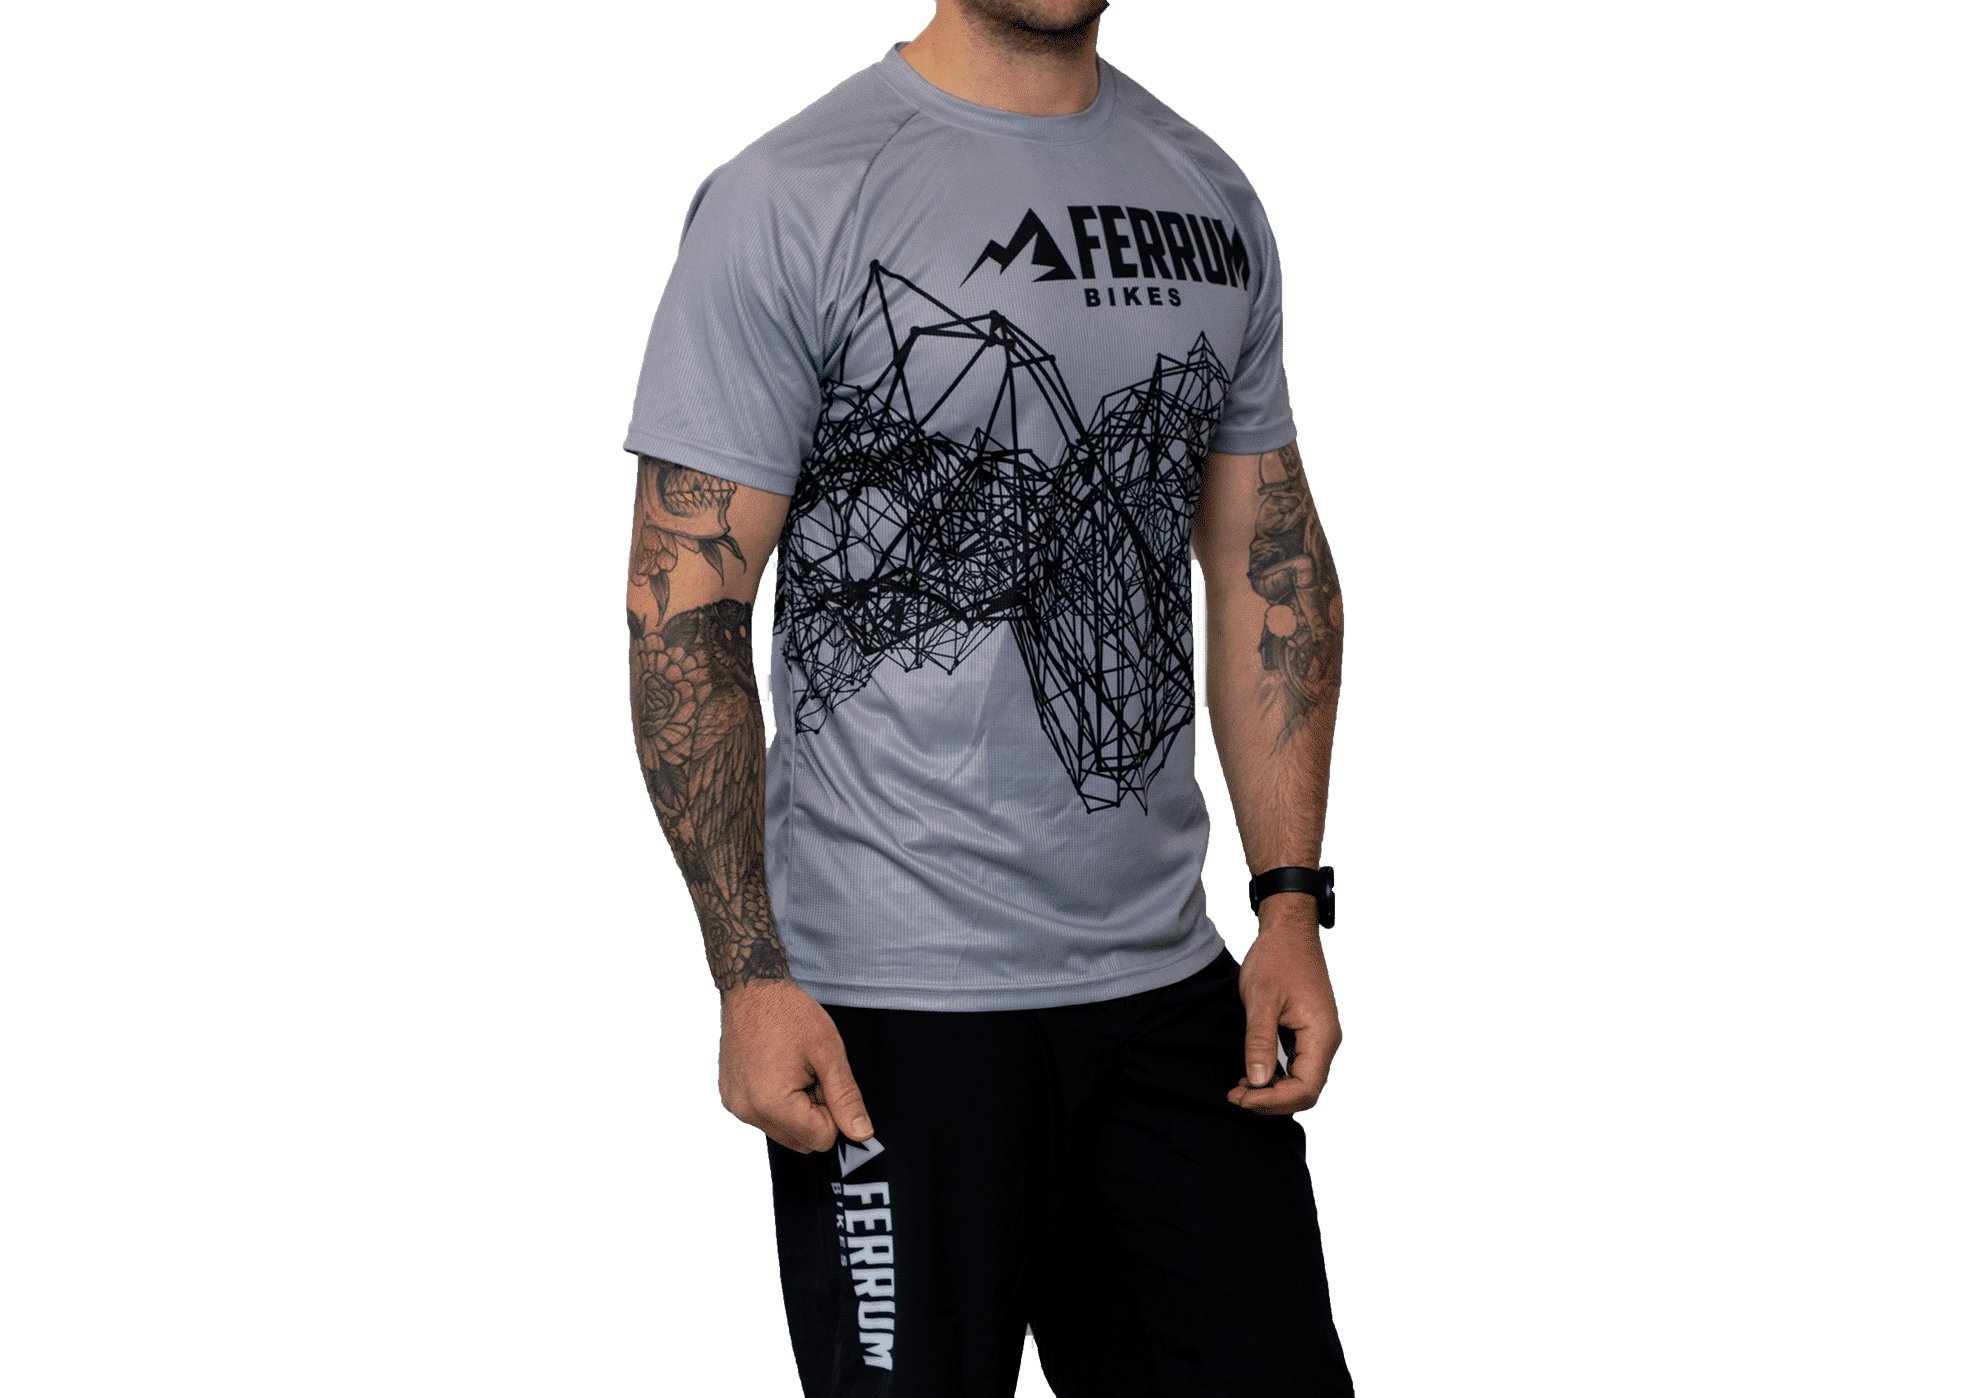 Mountain Bike Riding Jersey Shirt